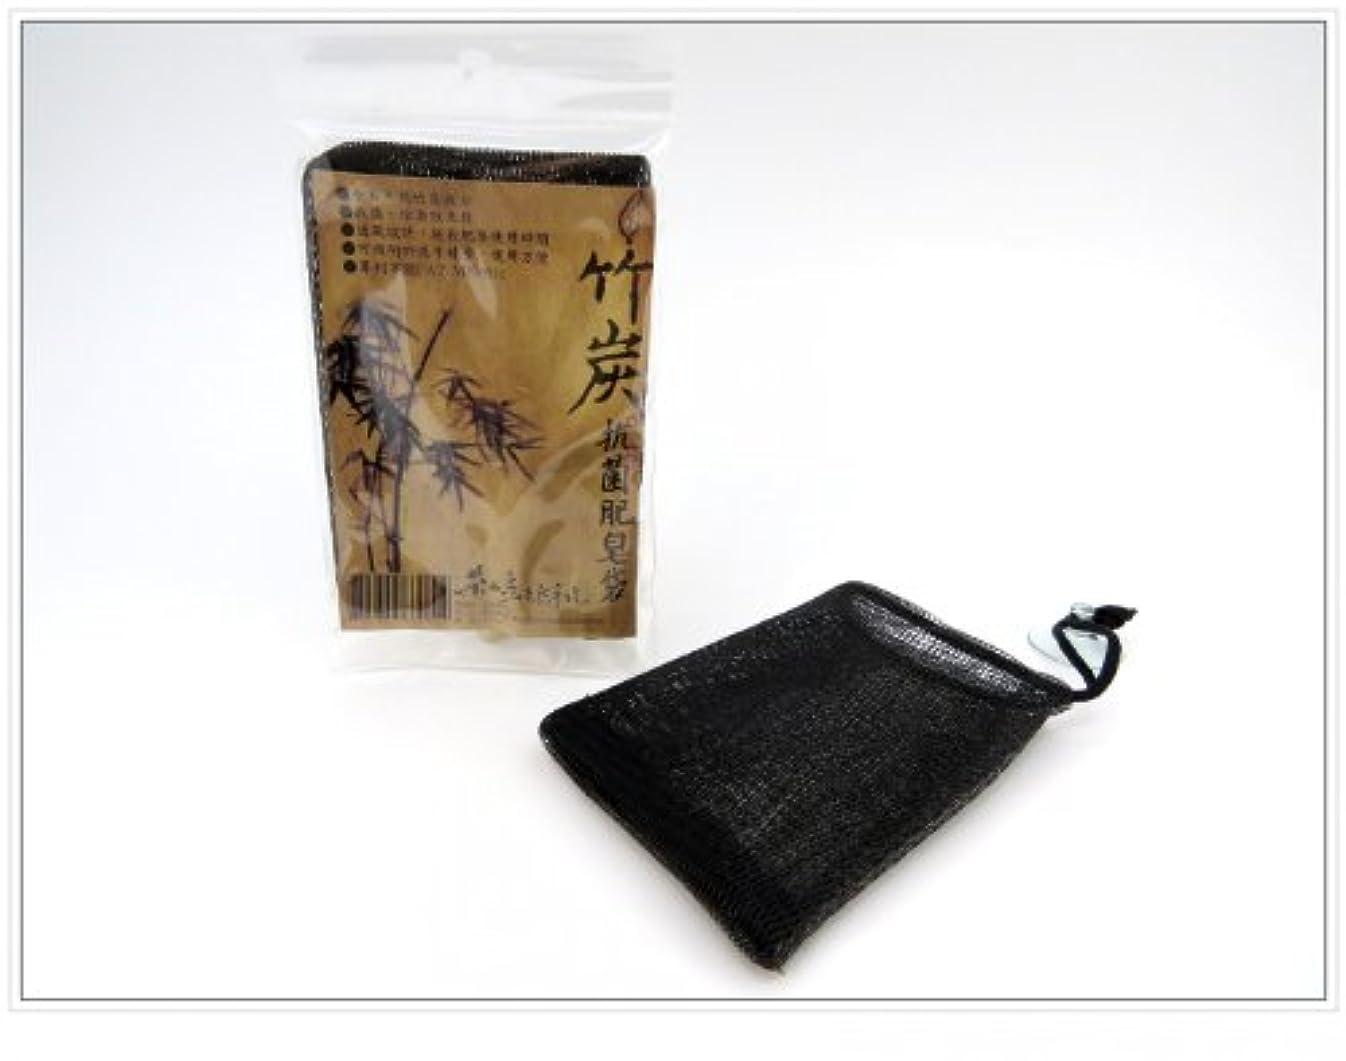 セール海賊してはいけません茶山房 天然 竹炭 成分入り 石鹸ネット